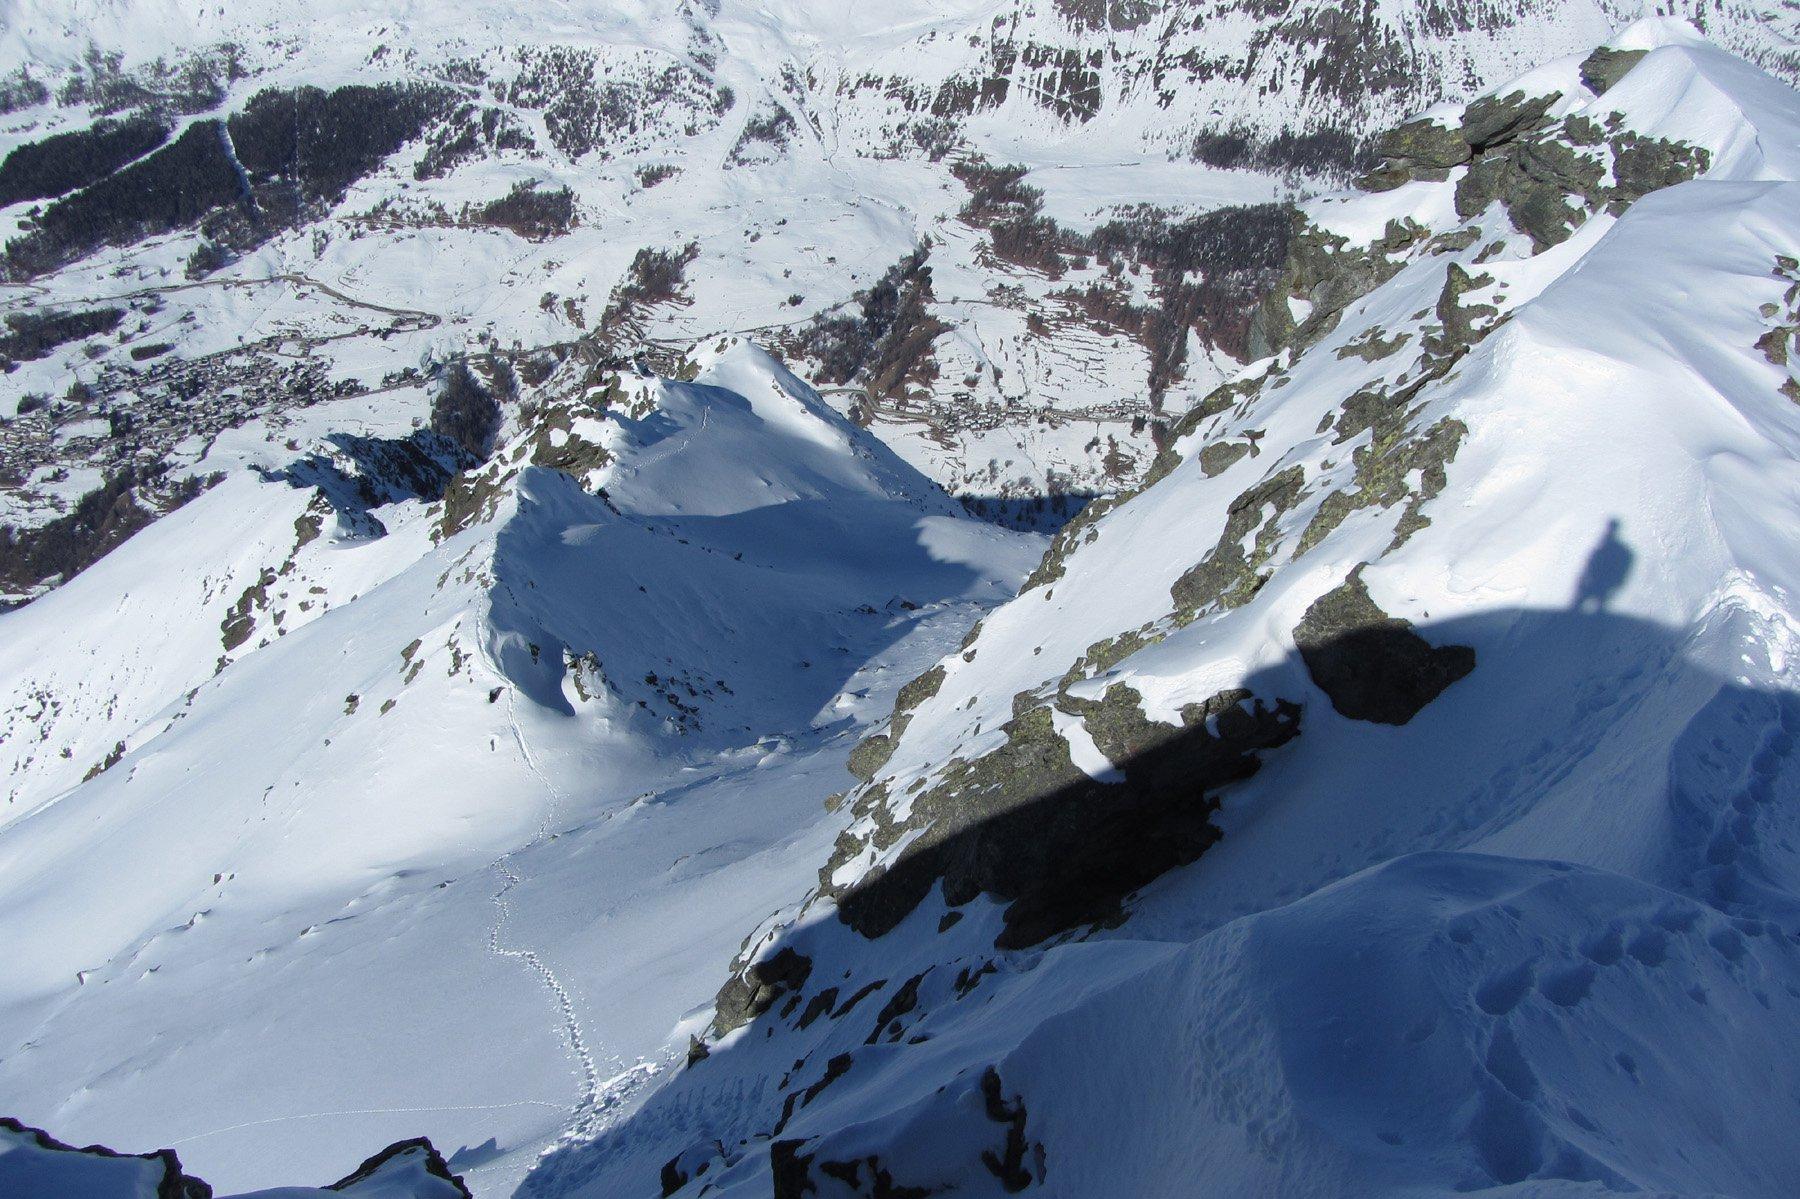 Dalla vetta sulla sx la lunga cresta dalla spalla. Al centro la conca dove esce il ramo diretto